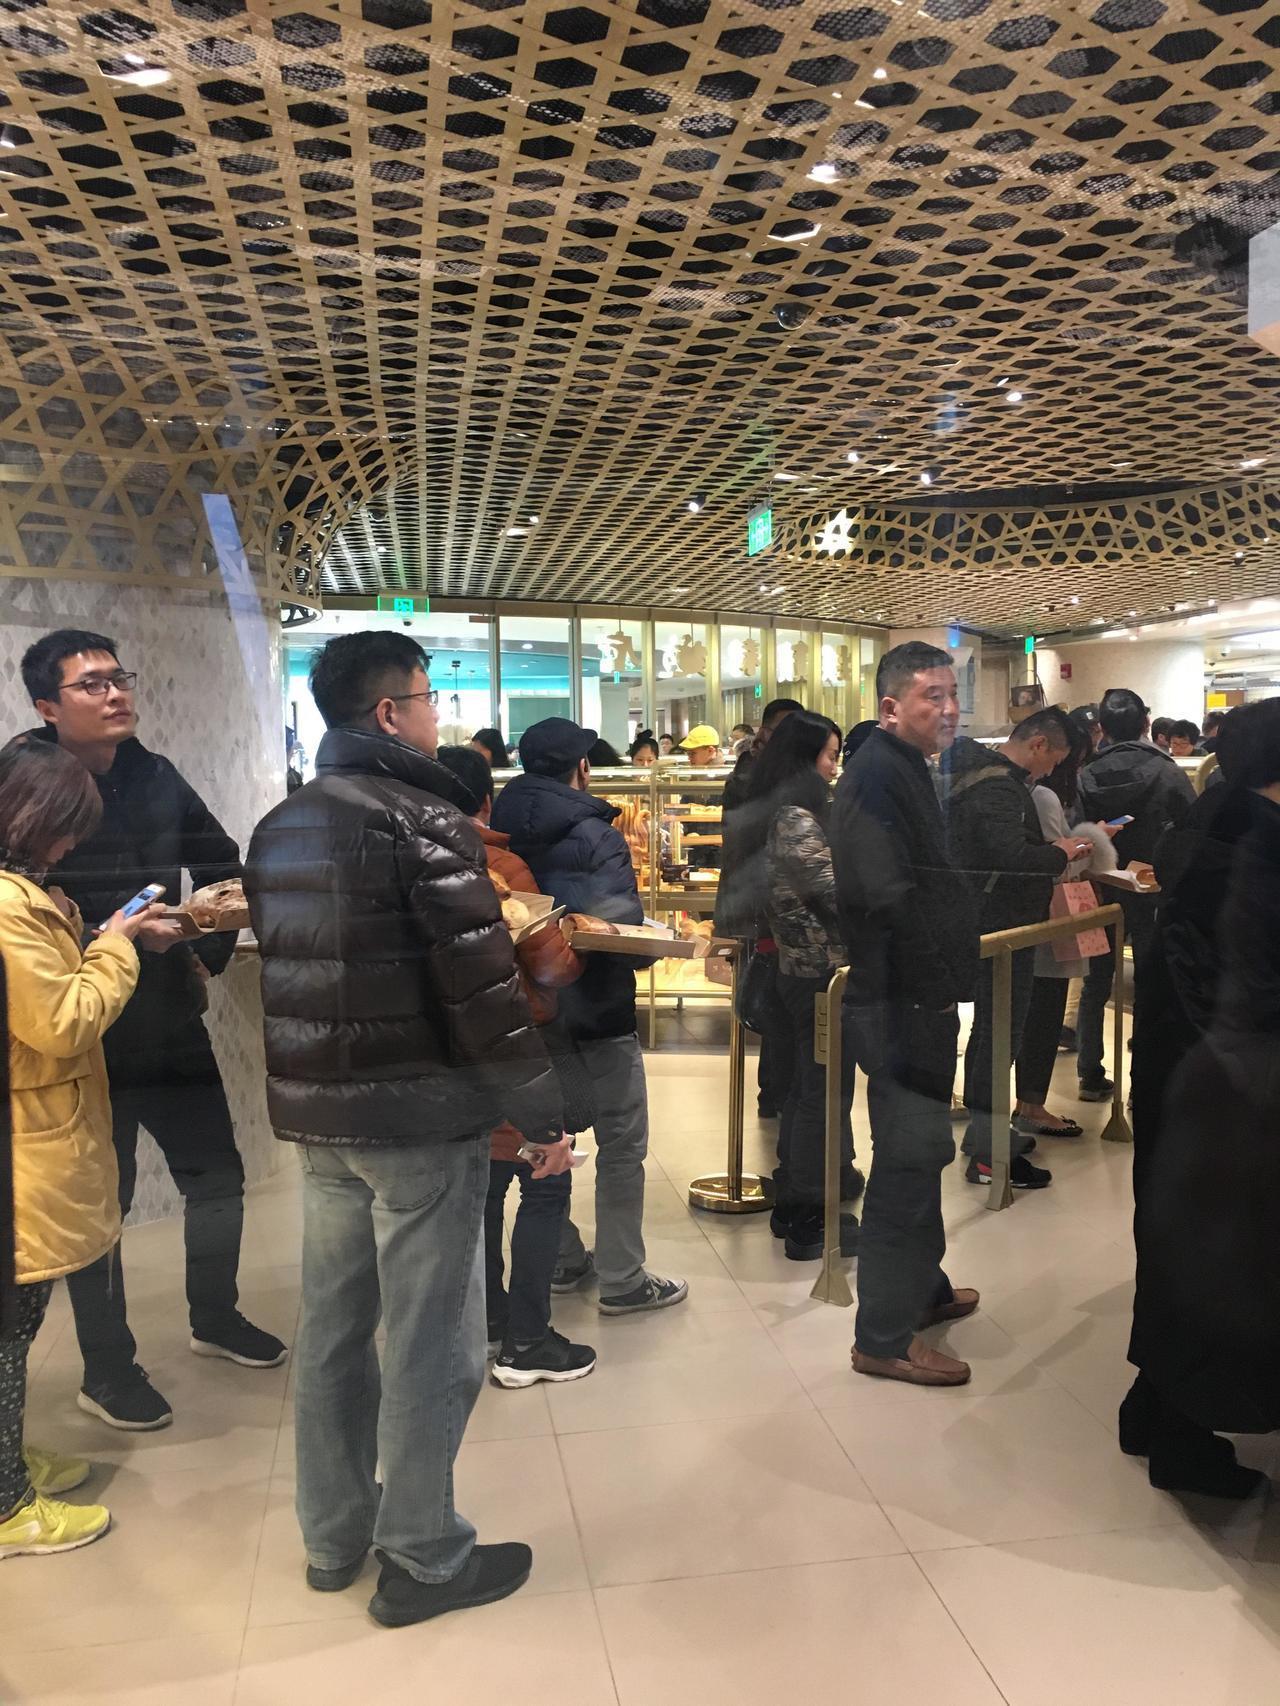 吳寶春在周一傍晚發表聲明後,其在上海門店11日生意更好,店內可以看到有不少消費者...